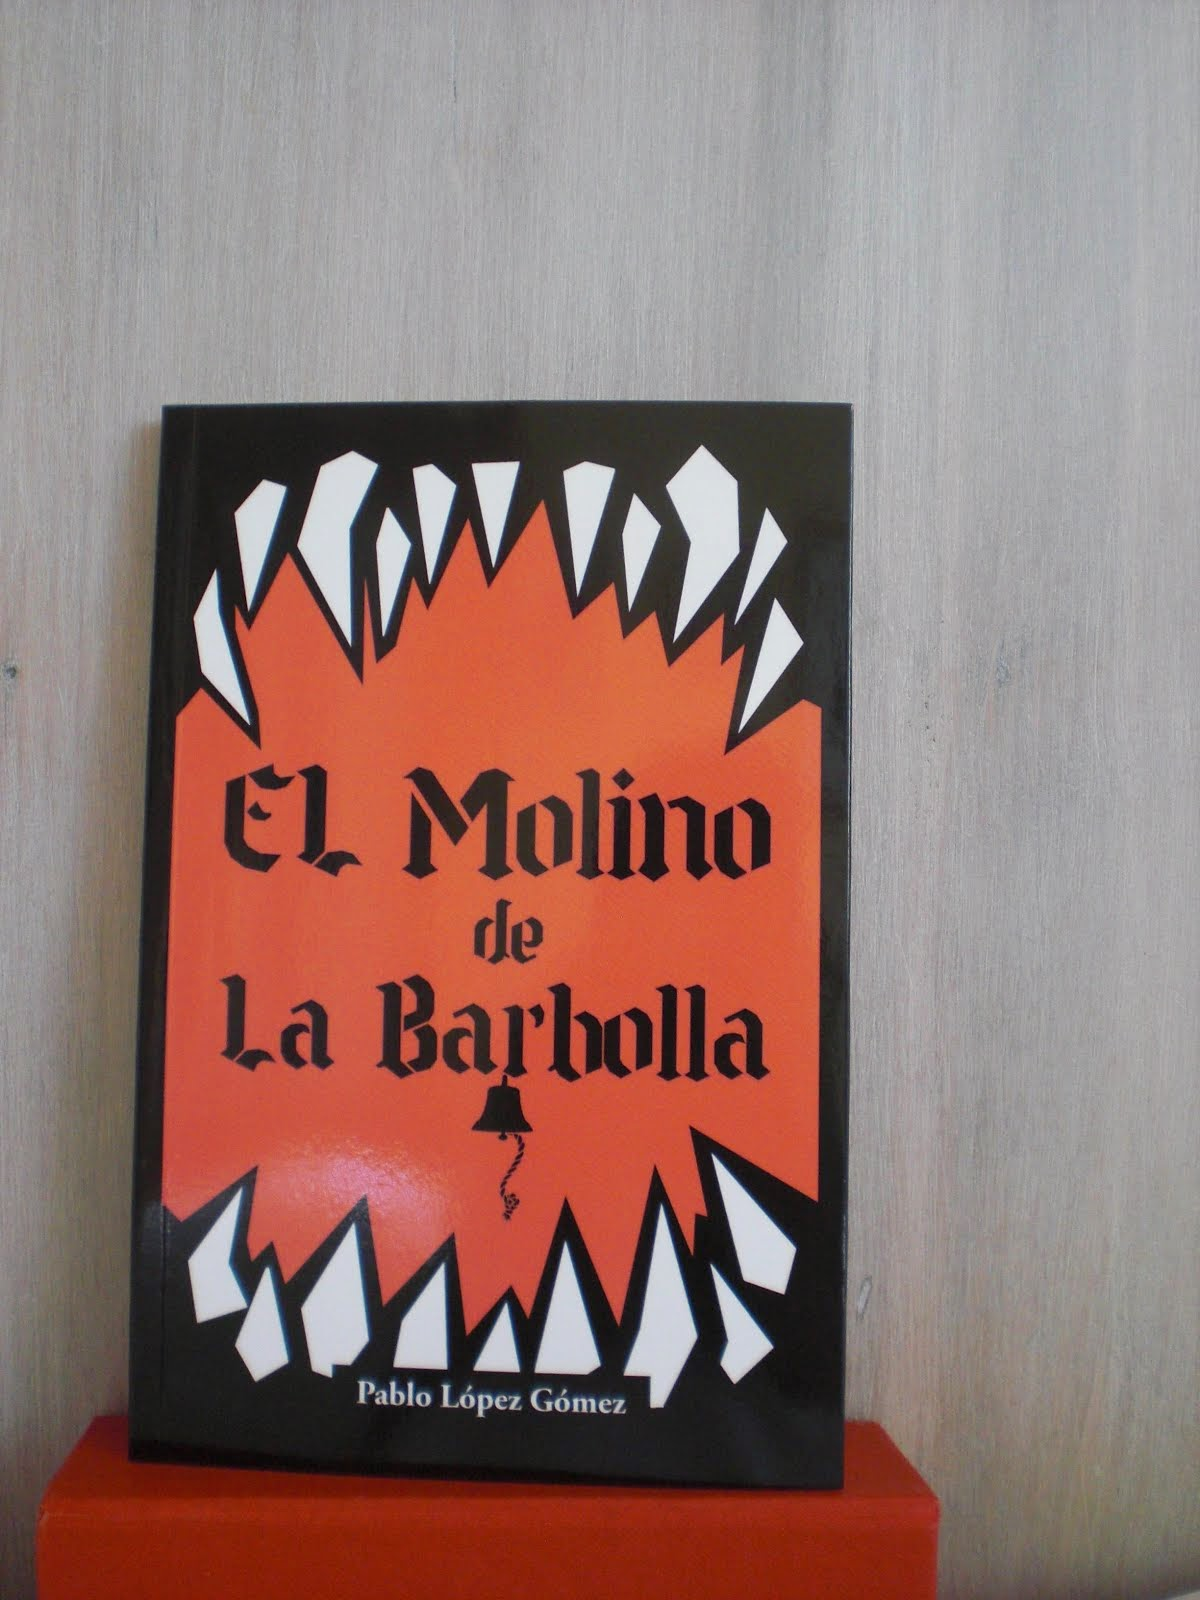 El molino de La Barbolla